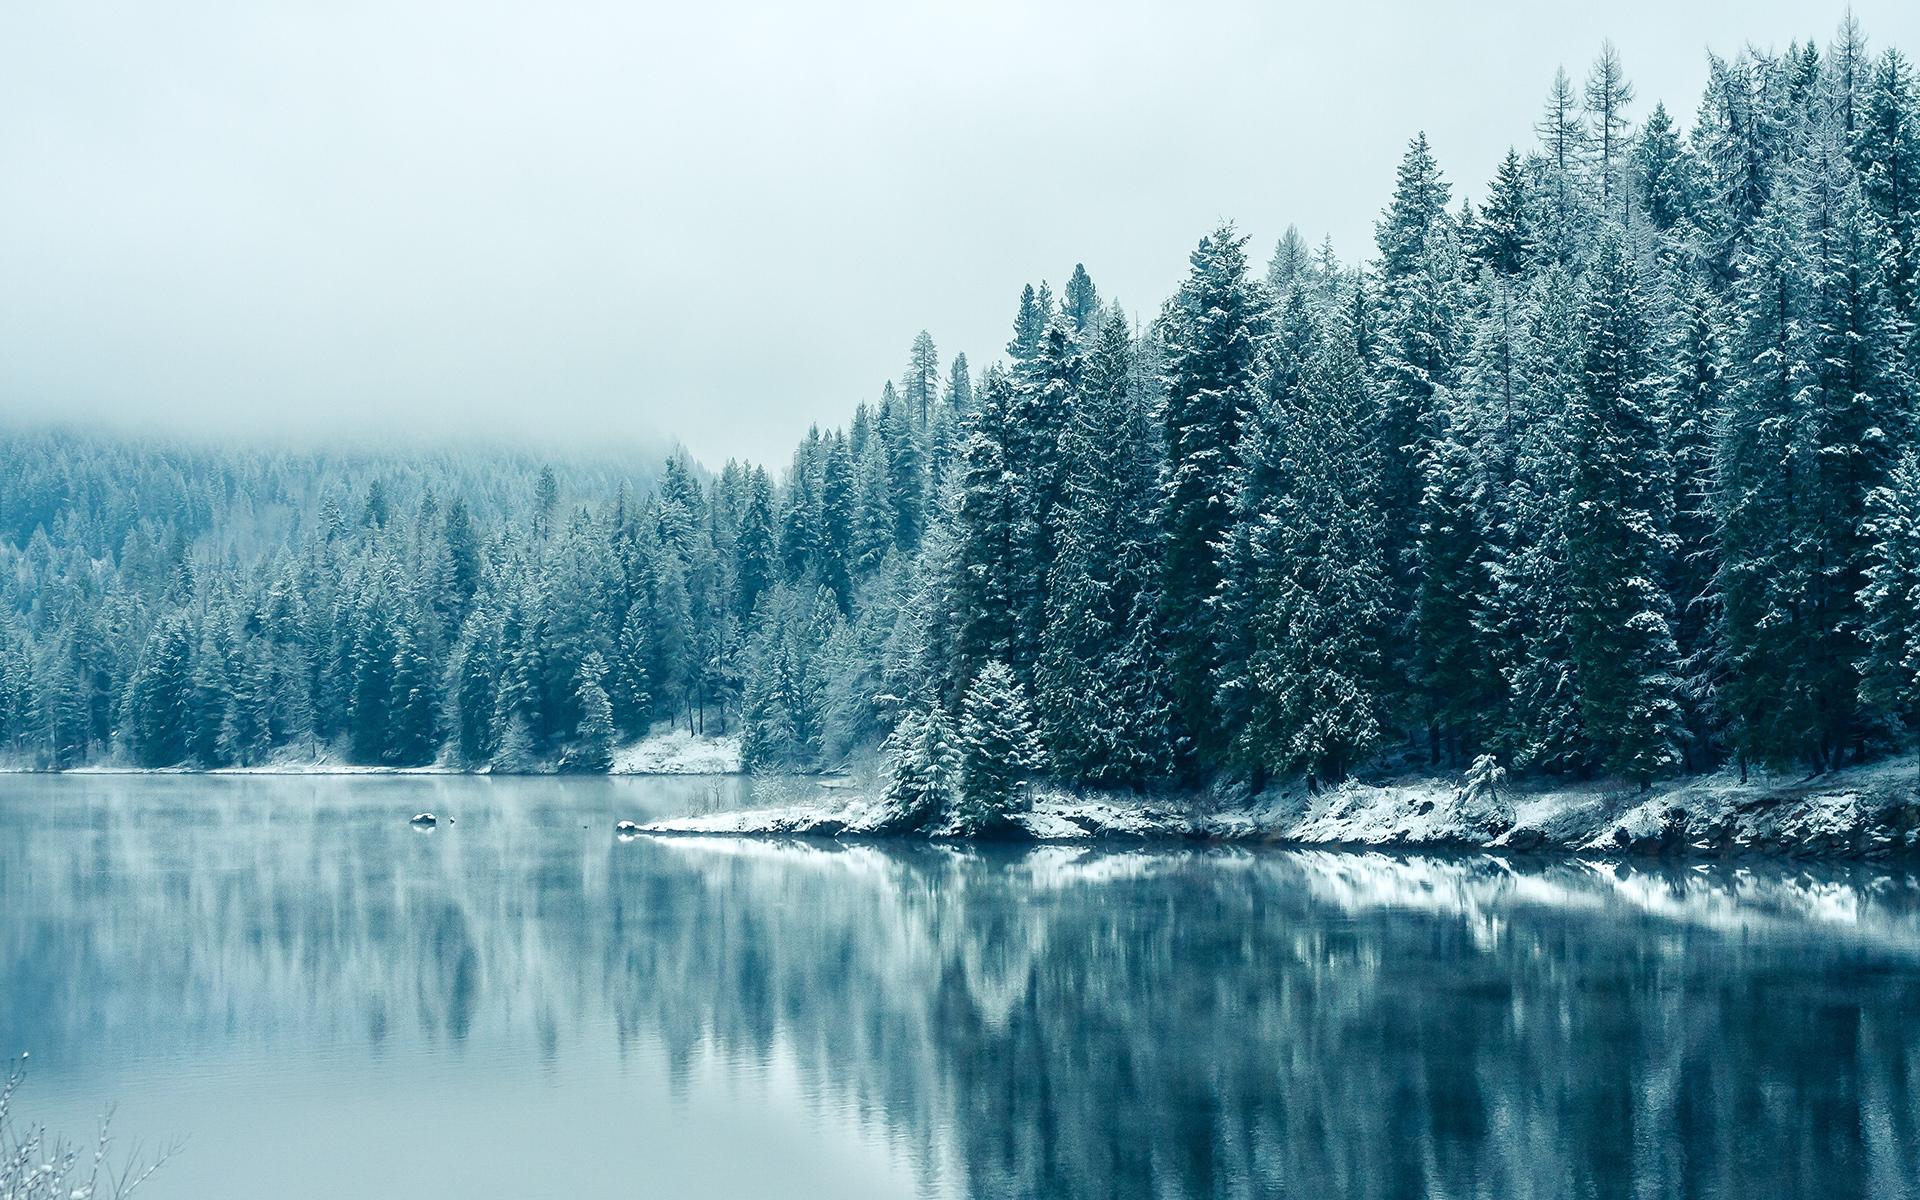 Znalezione obrazy dla zapytania winter nature